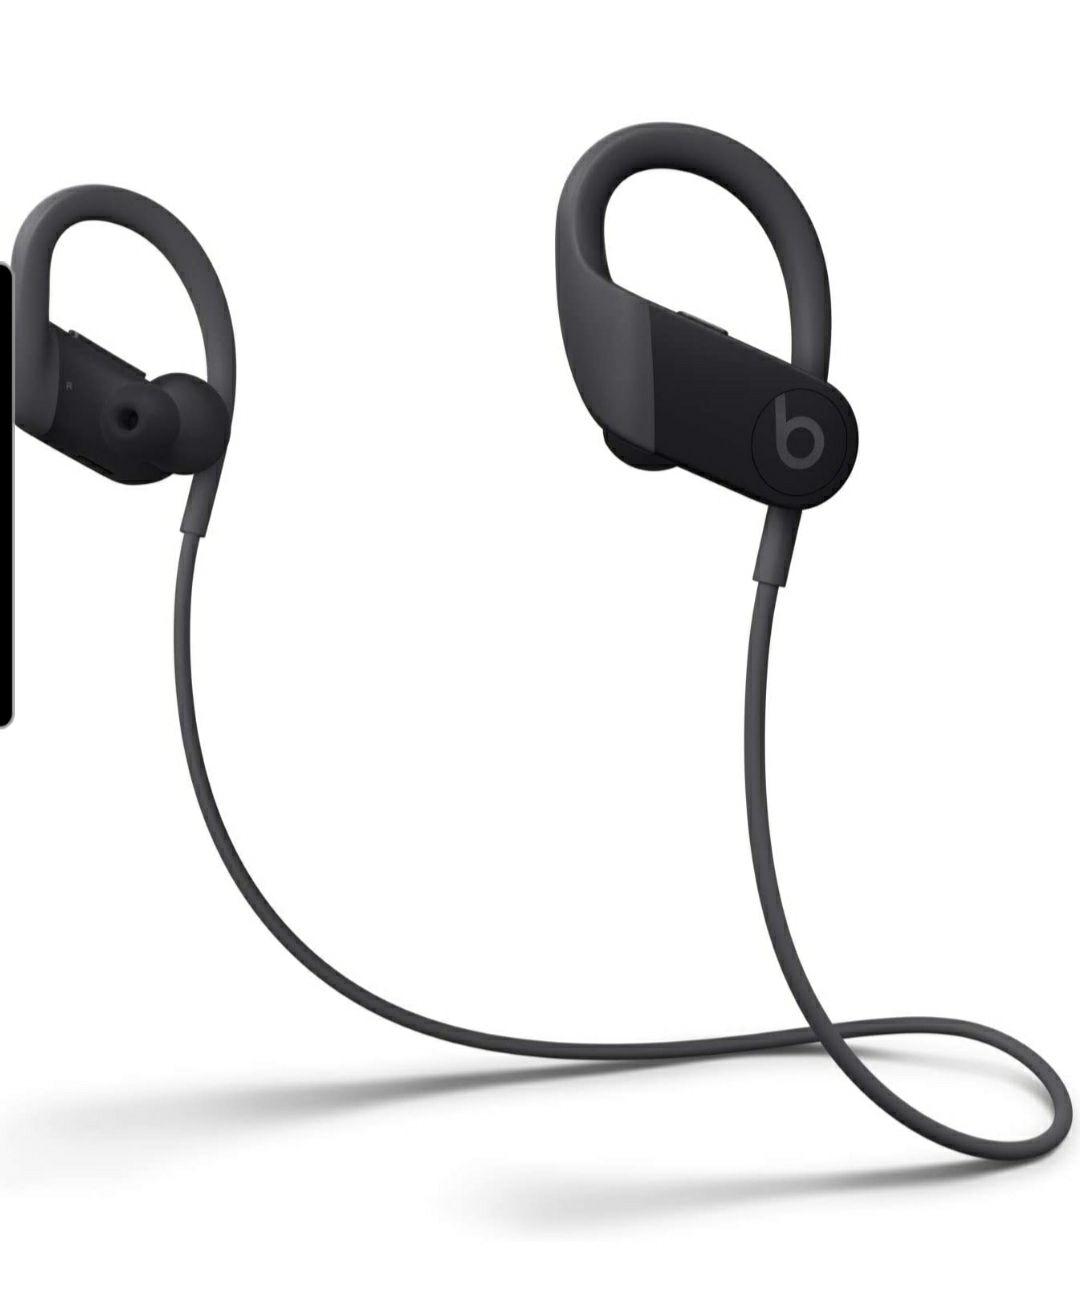 Auriculares Inalámbricos de Alto Rendimiento Powerbeats - Chip H1 de Apple, Bluetooth de Clase 1, 15 Horas de Sonido Ininterrumpido